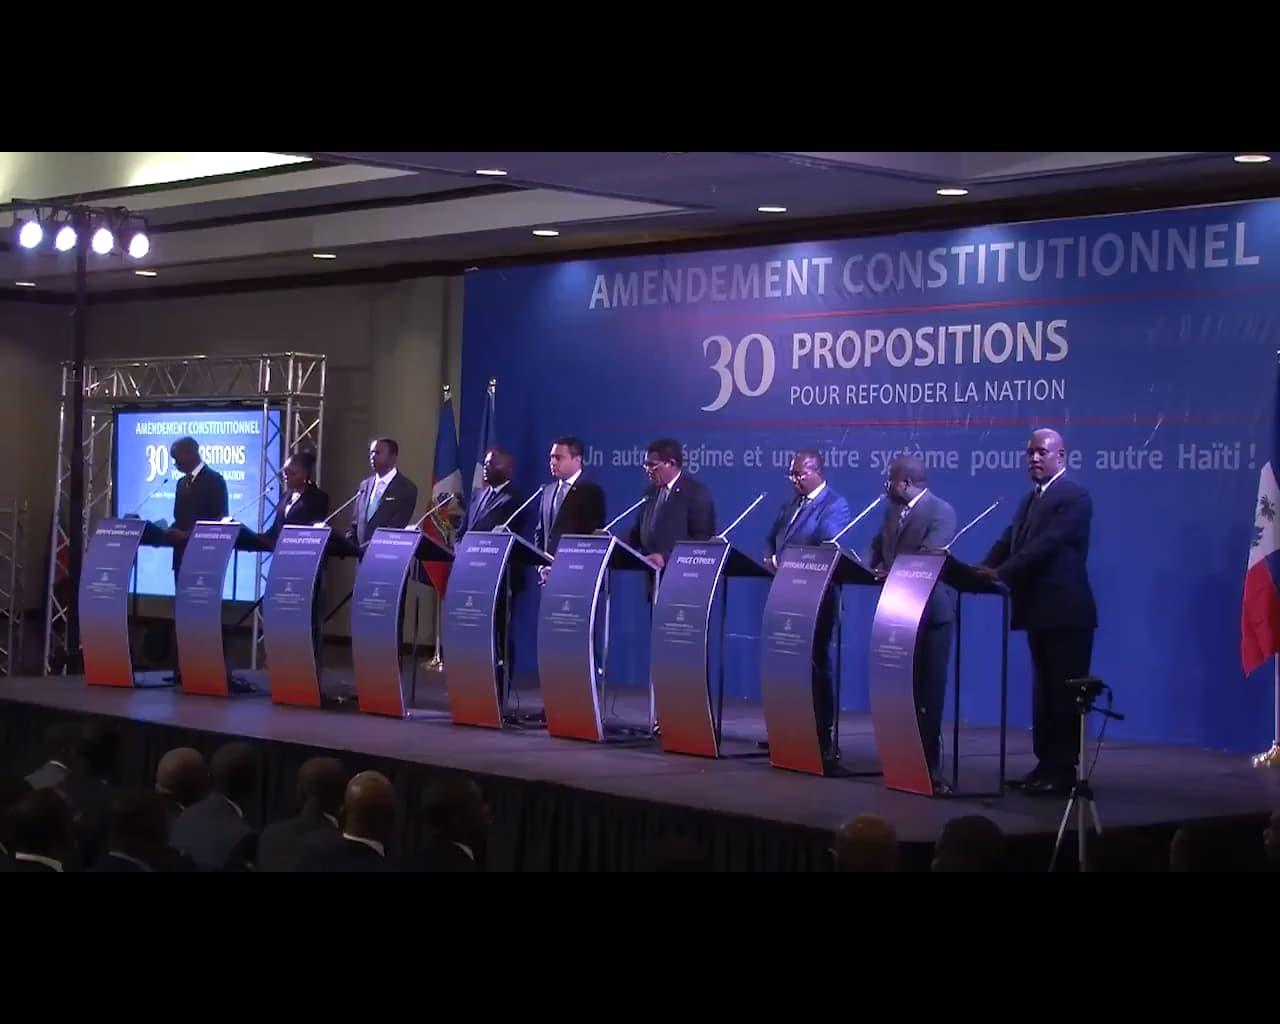 Les membres de la commission spéciale de la chambre des députés sur l'amendement de la constitution